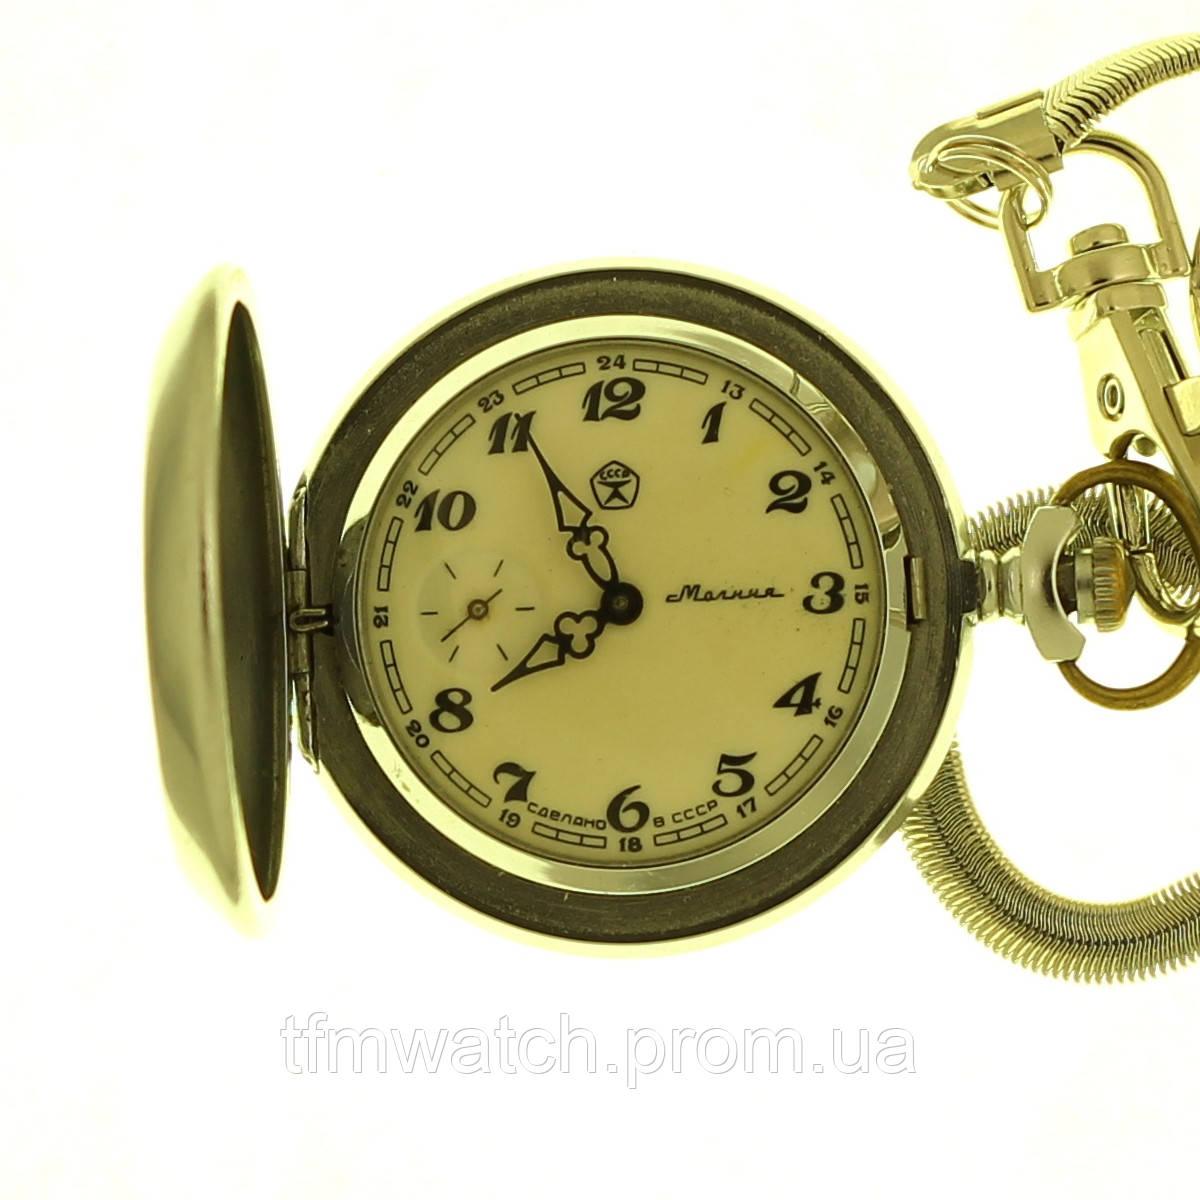 Молния Глухари карманные механические часы СССР